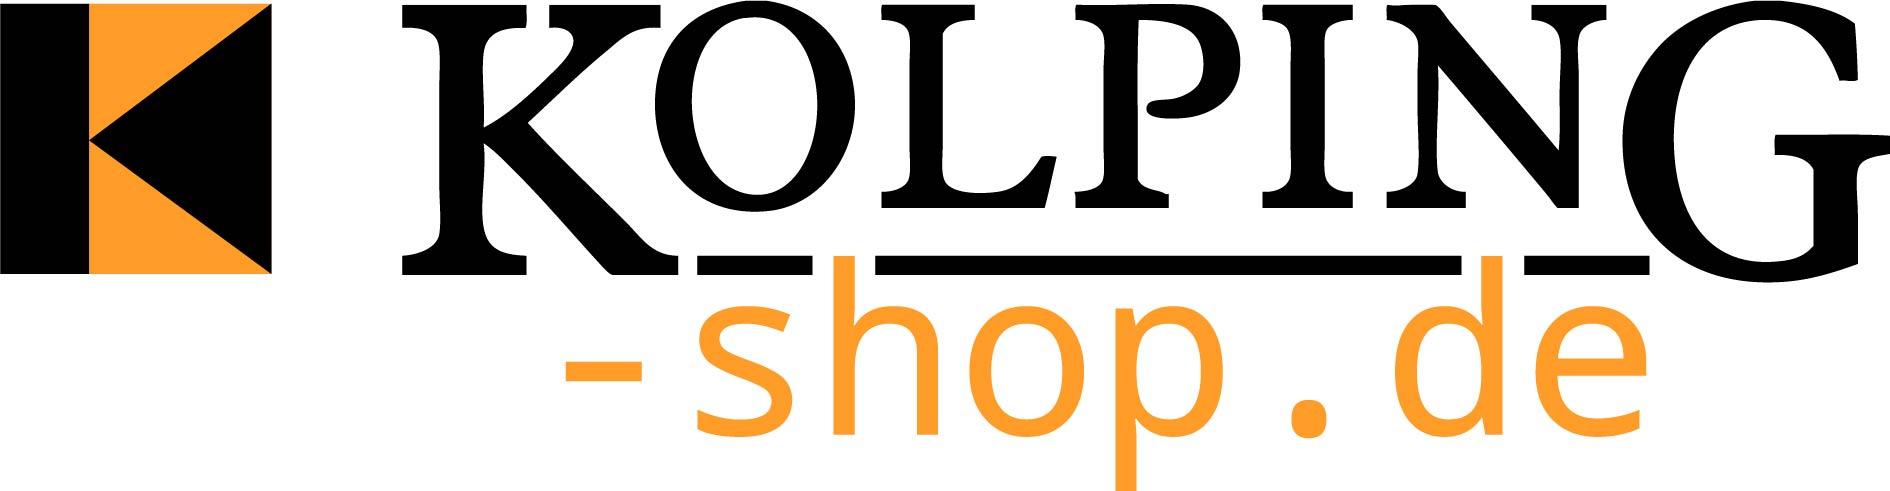 (c) Kolping-shop.de